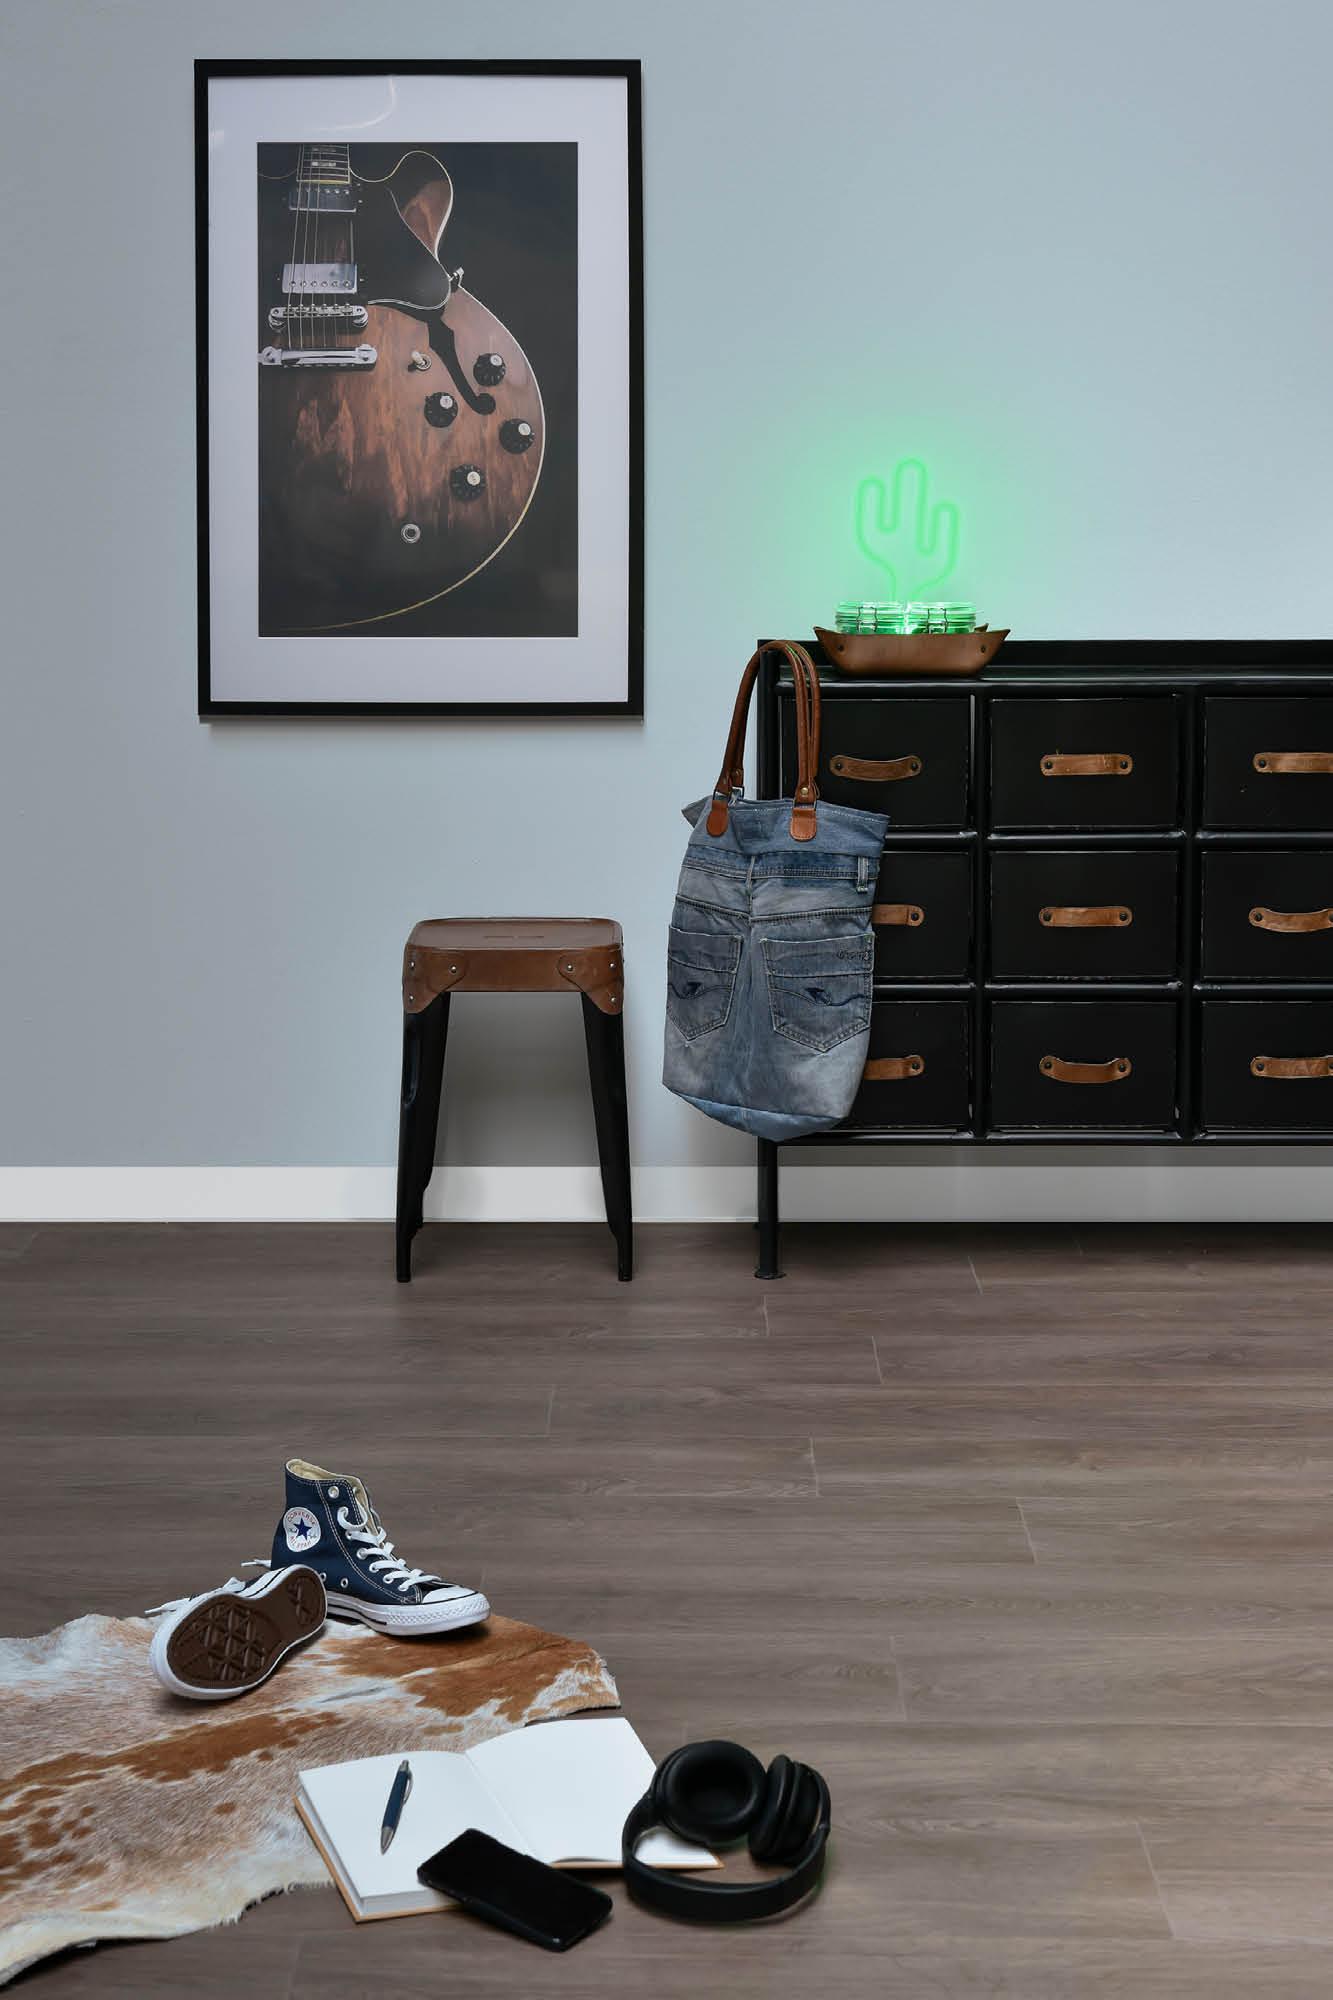 Exotone Premium Vinyl Tiles by Douglas & Jones. Vinyl vloeren met authentieke look & feel van houten vloeren #exotone #vinyl #vloeren #houtenvloeren #vinylvloeren #interieur #douglasjones